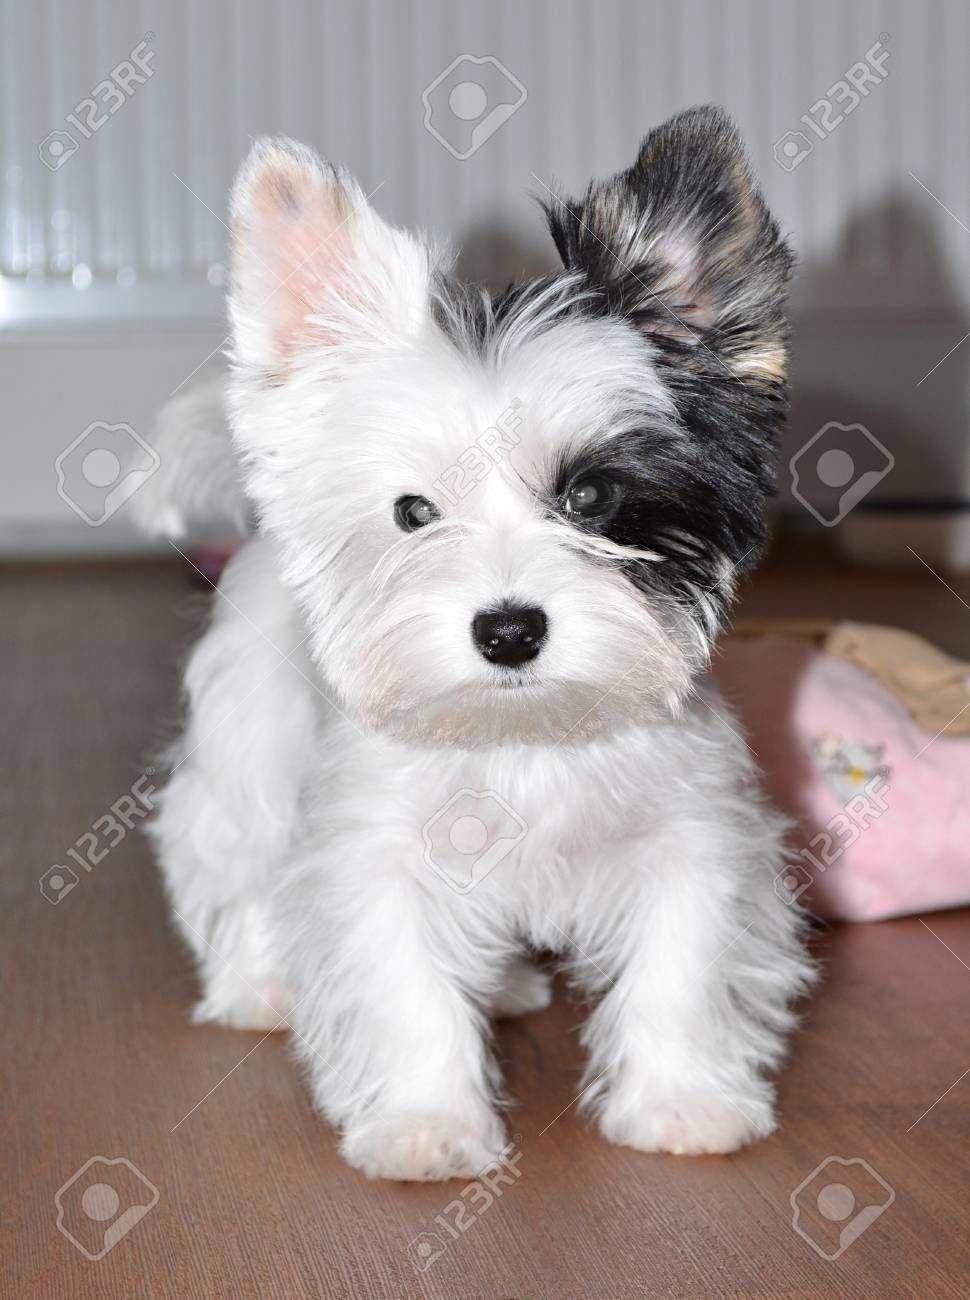 Puppy Yorkshire Terrier Biewer Black Yorkshireterrier Cute Baby Dogs Yorkshire Terrier Puppies Yorkie Puppy